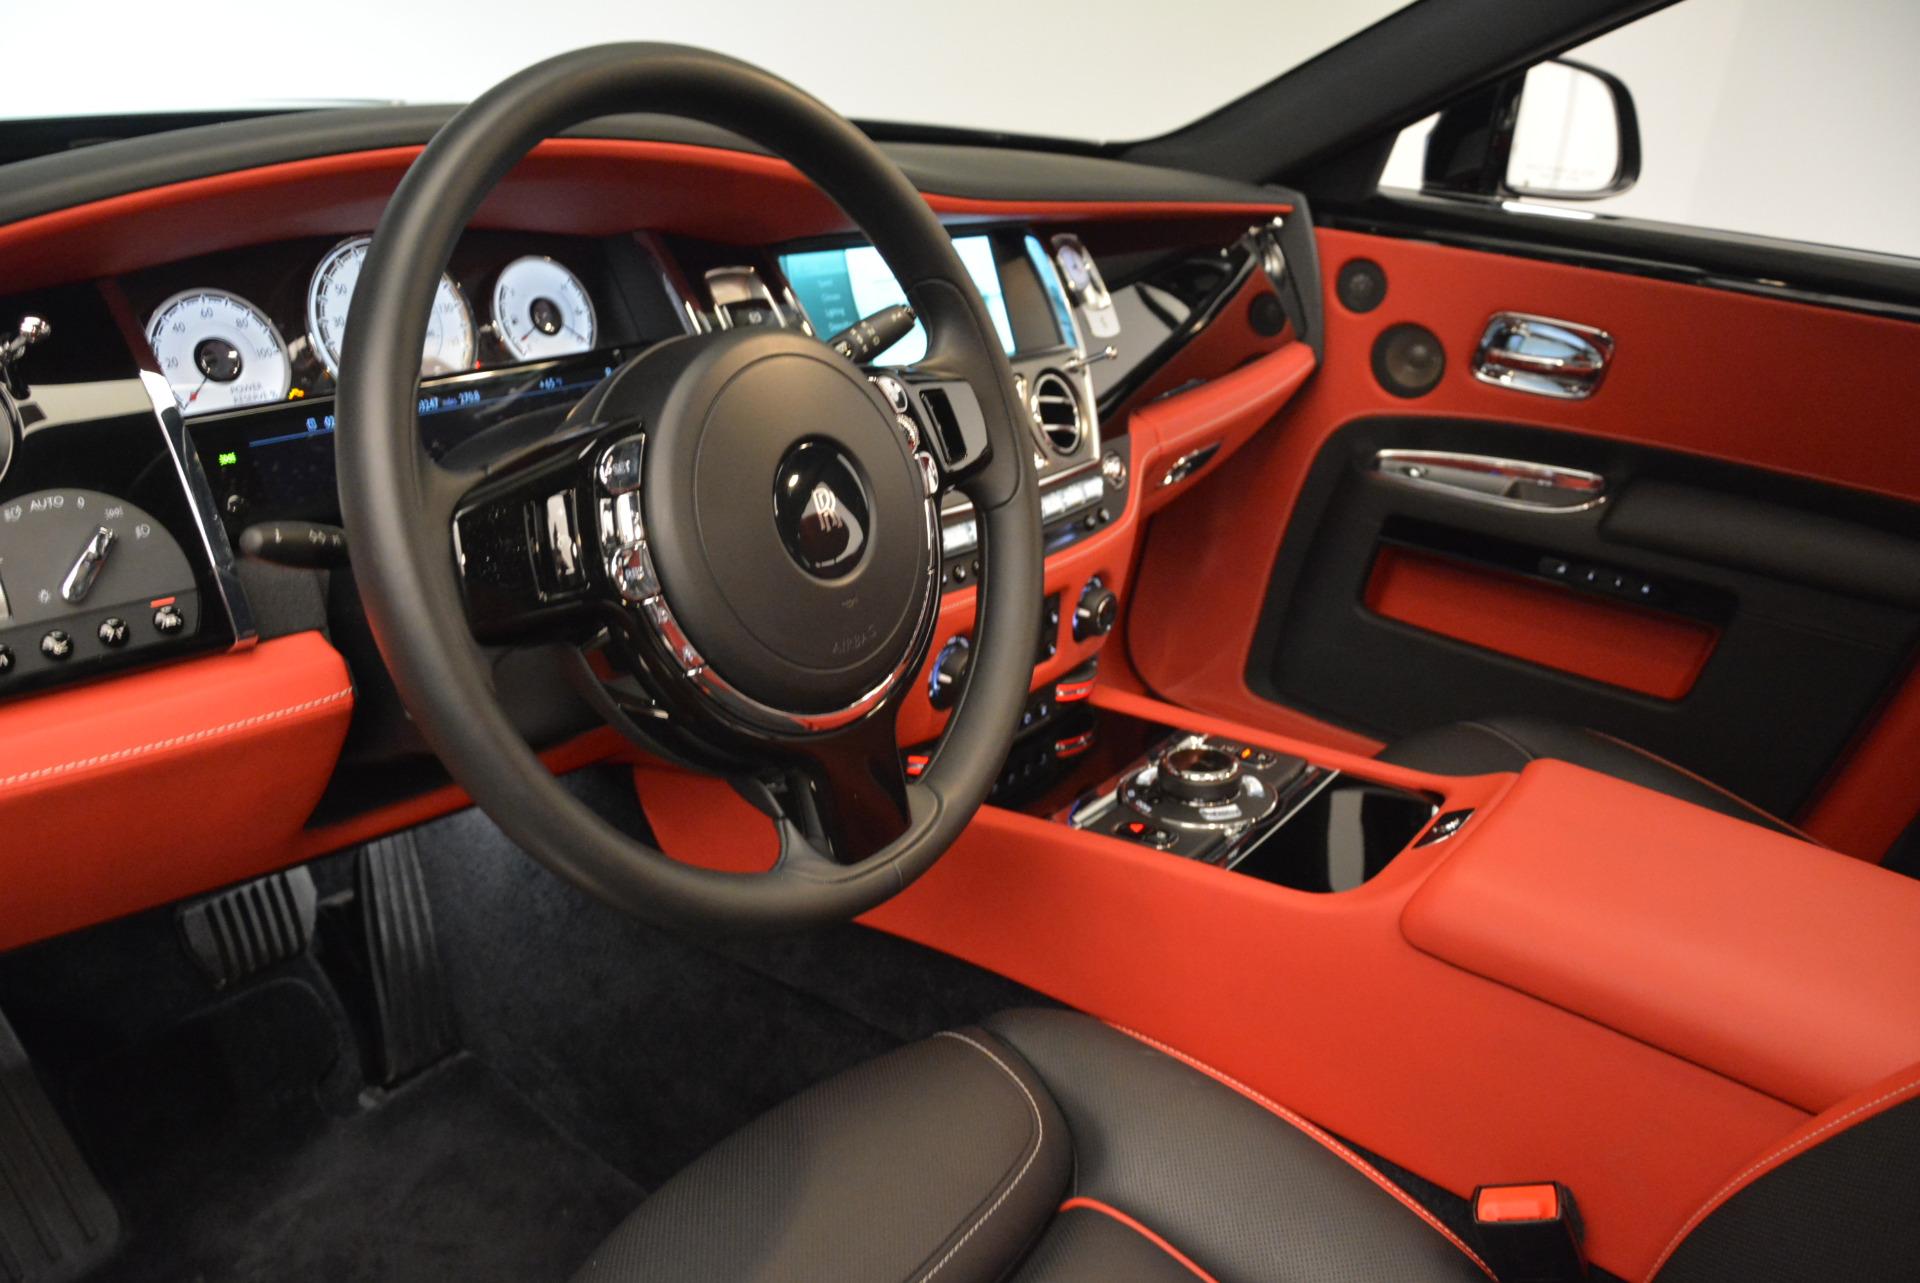 Used 2017 Rolls-Royce Ghost Black Badge For Sale In Westport, CT 2154_p17